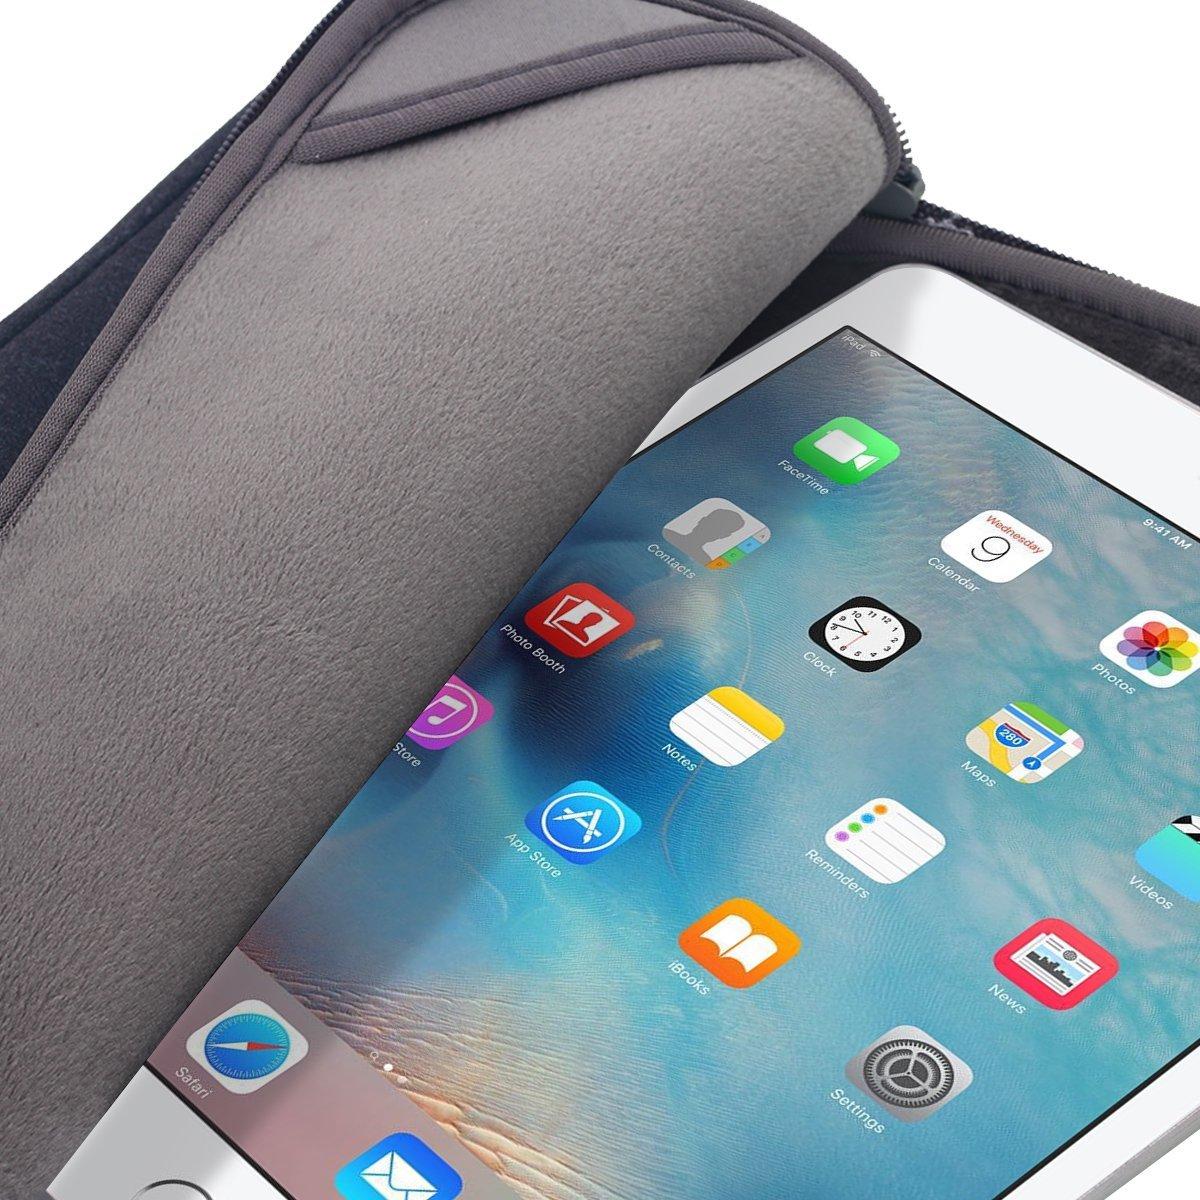 Liên tưởng (Lenovo) Lontect laptop đệm cổ hình tròn / laptop dùng để gói bị táo MacBook máy tính lap